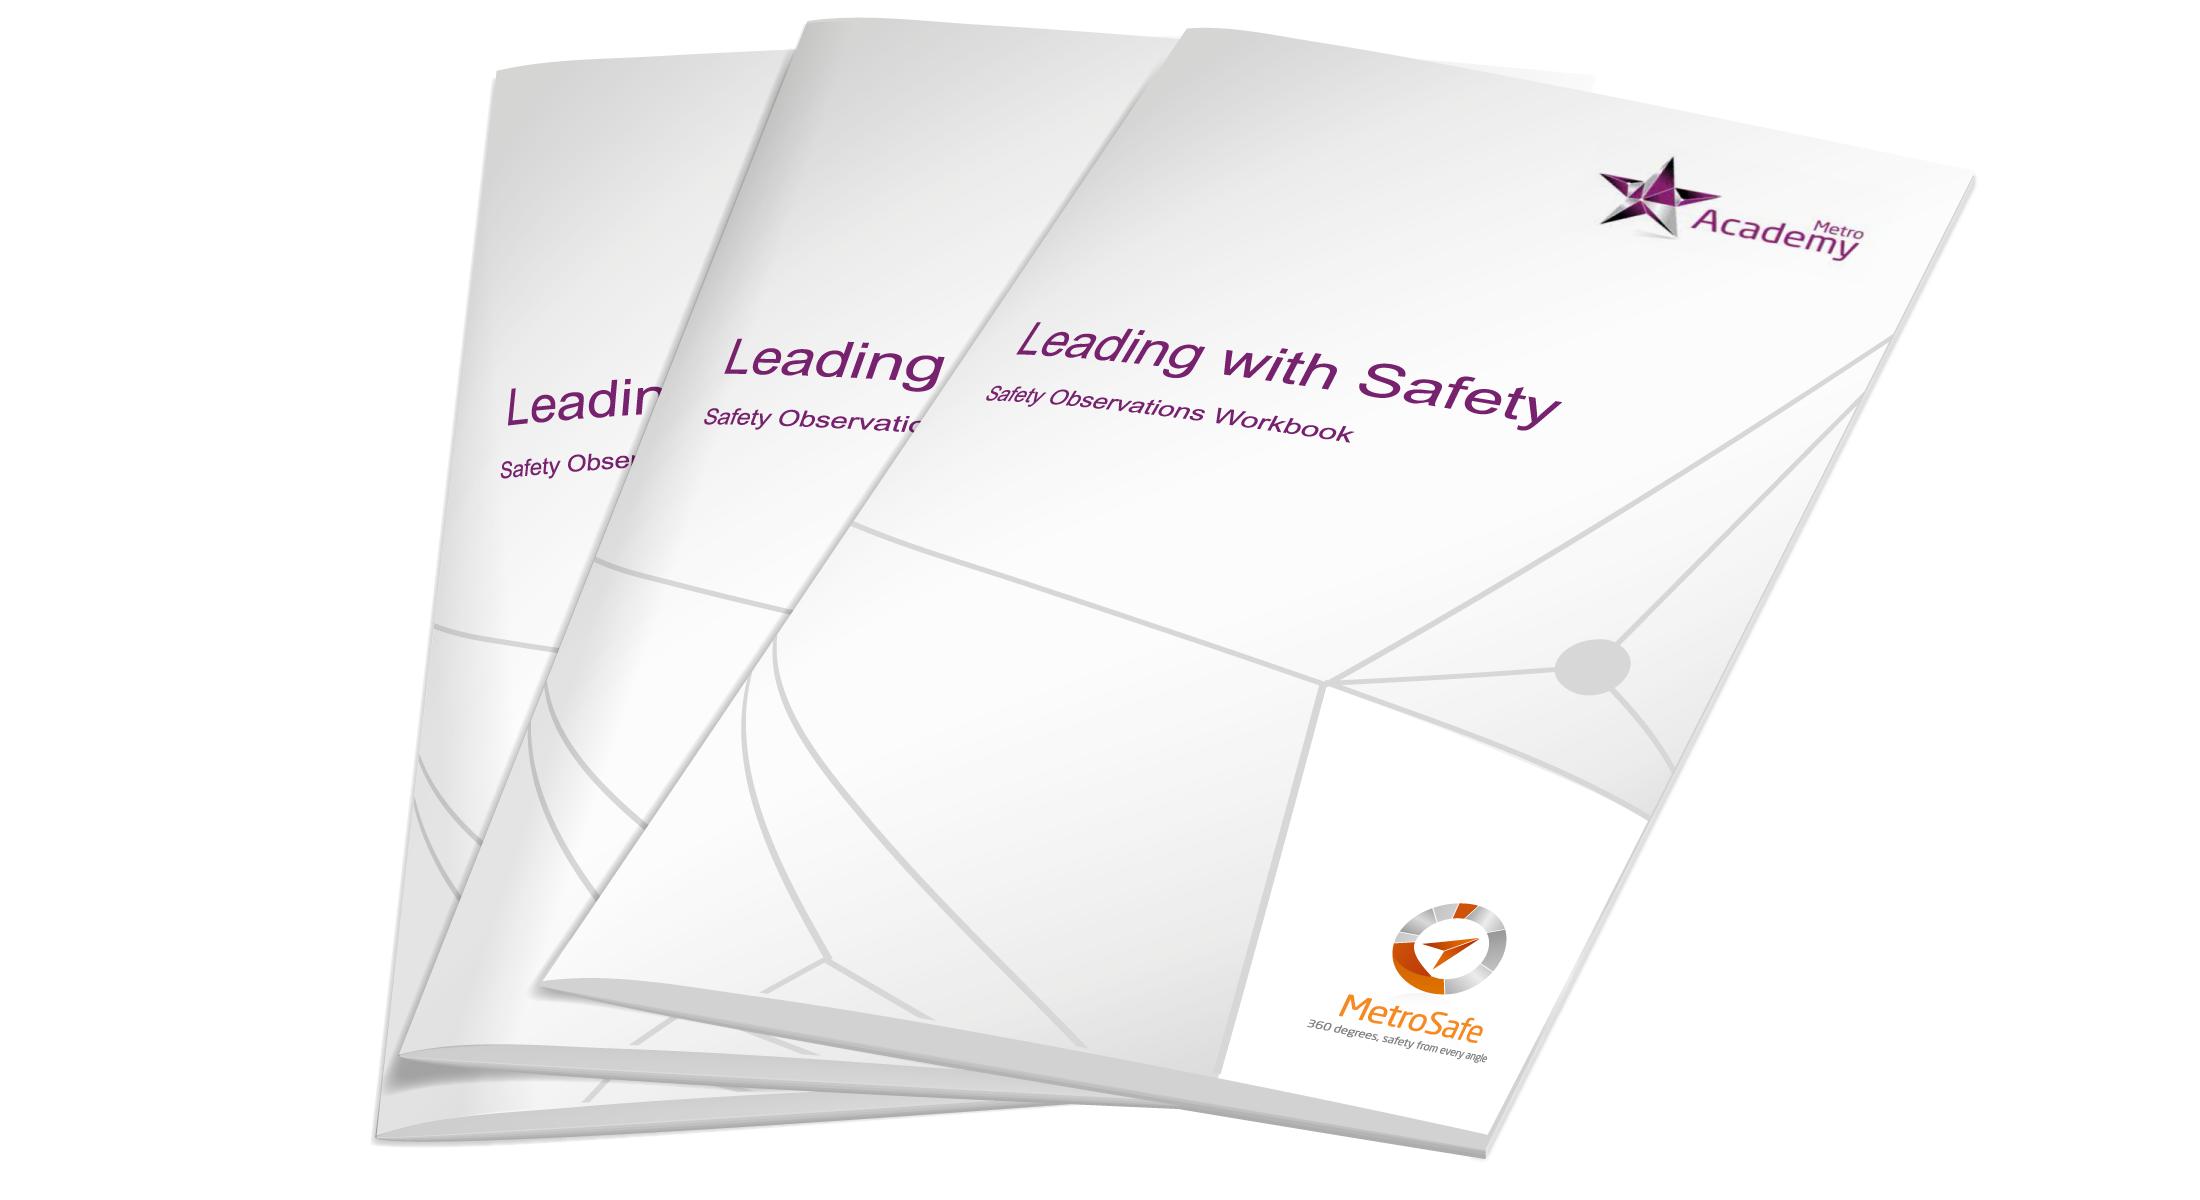 Safety Observations Workbook